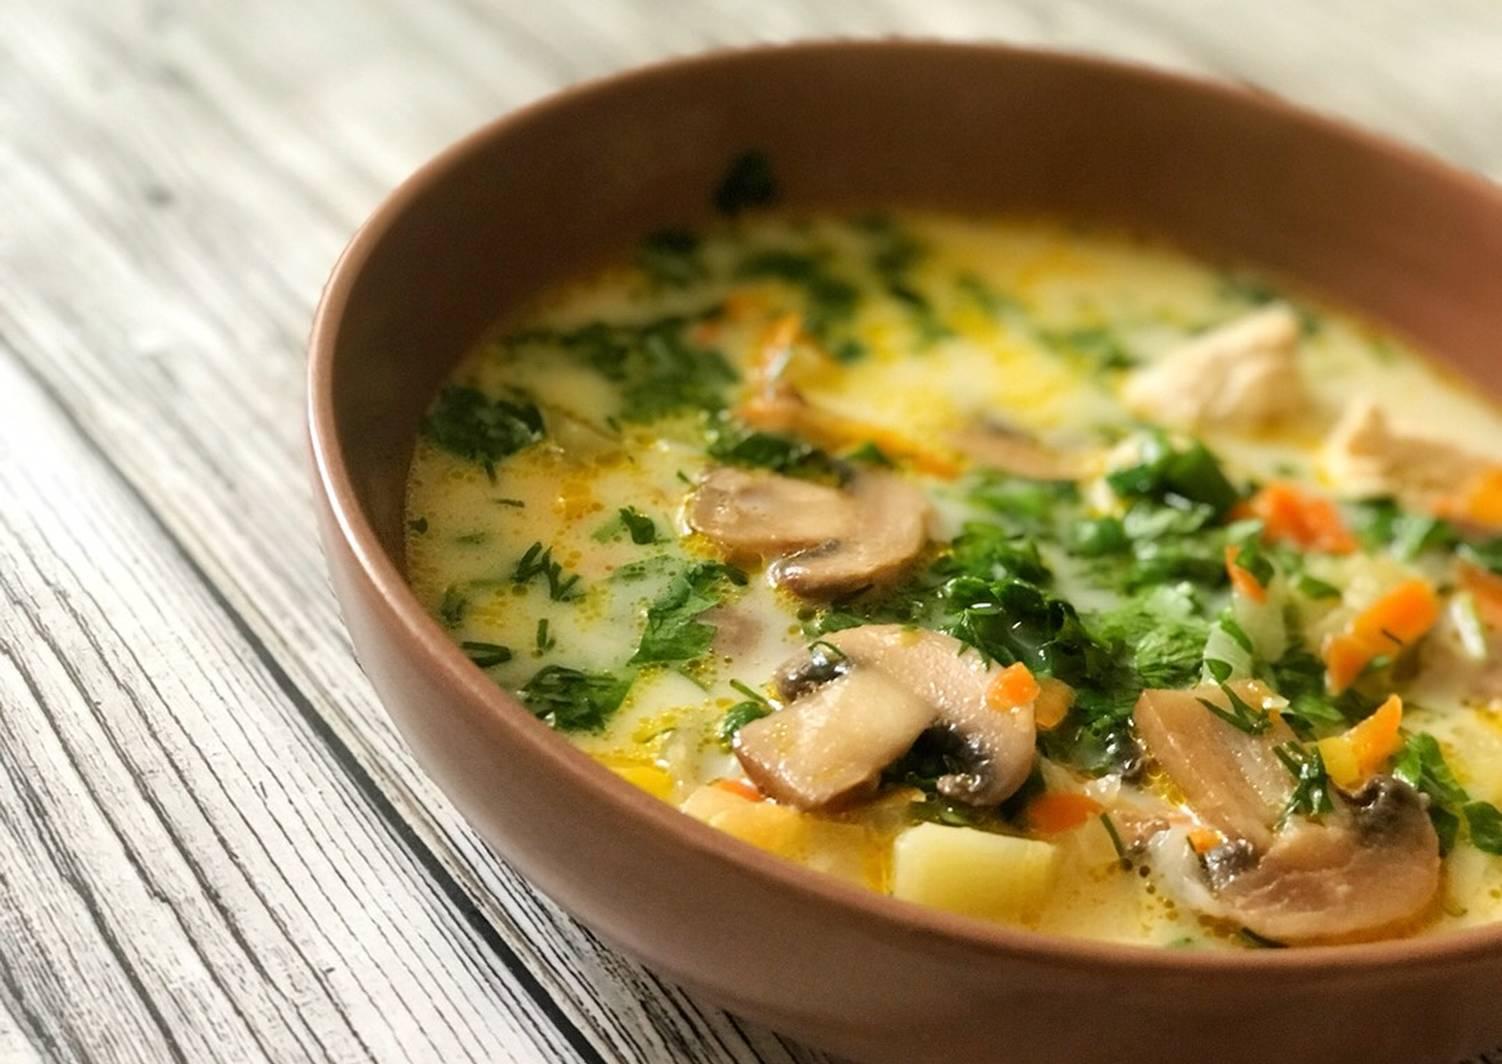 грибной суп простой рецепт с фото основном